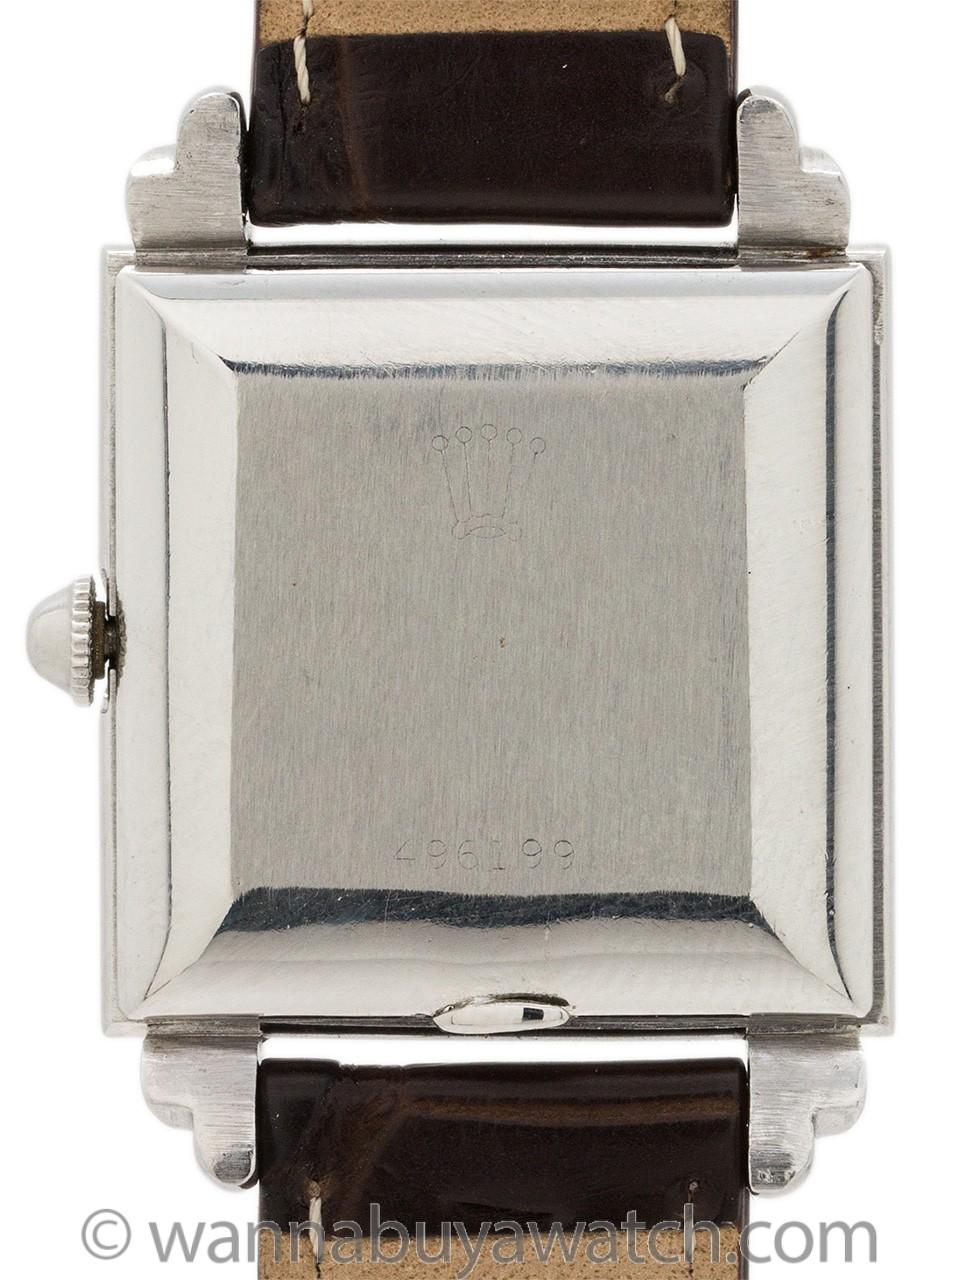 Rolex Art Deco ref 4574 Stainless Steel circa 1939